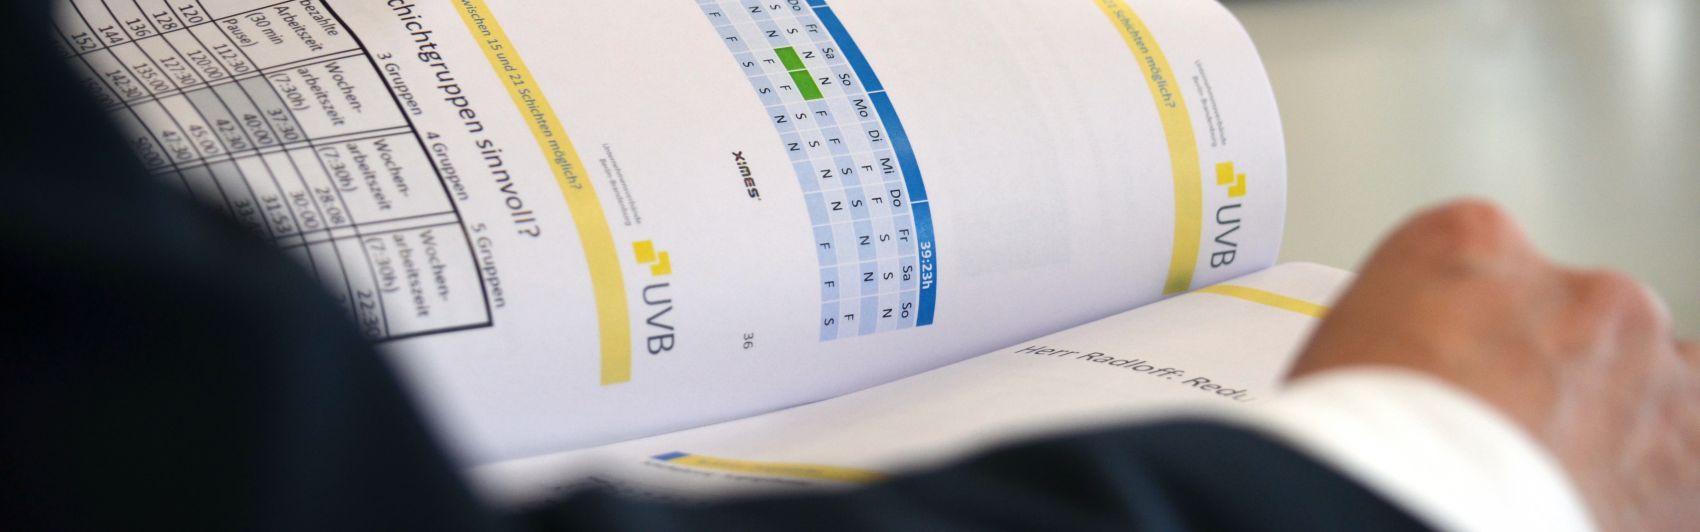 Praxisforum Schichtplangestaltung